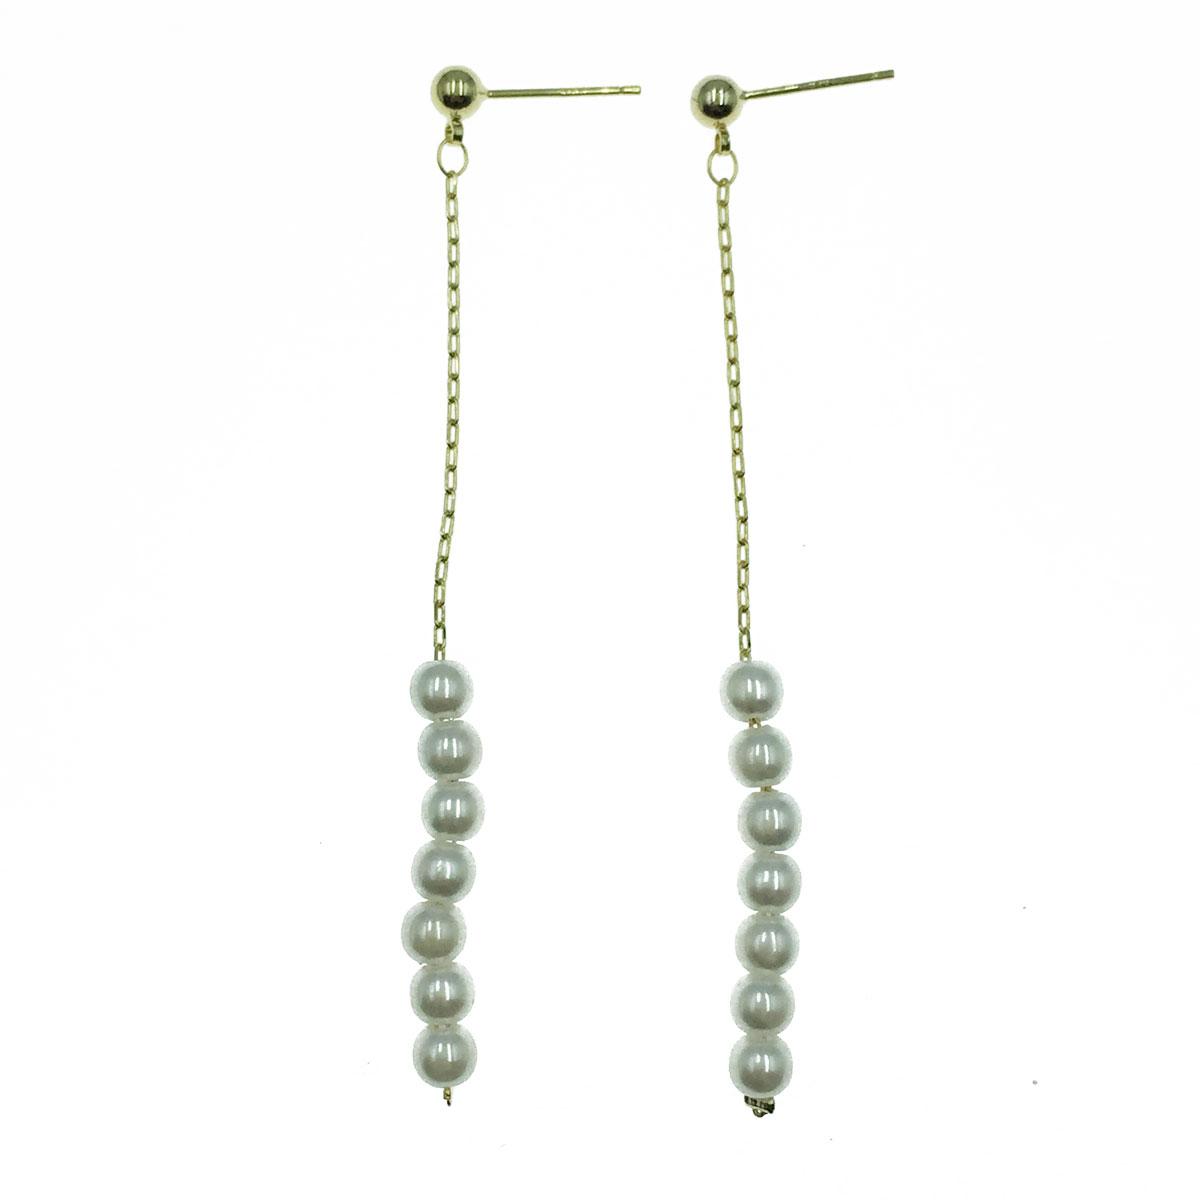 韓國 925純銀 珍珠 鍊子 氣質 垂墜感 耳針式耳環